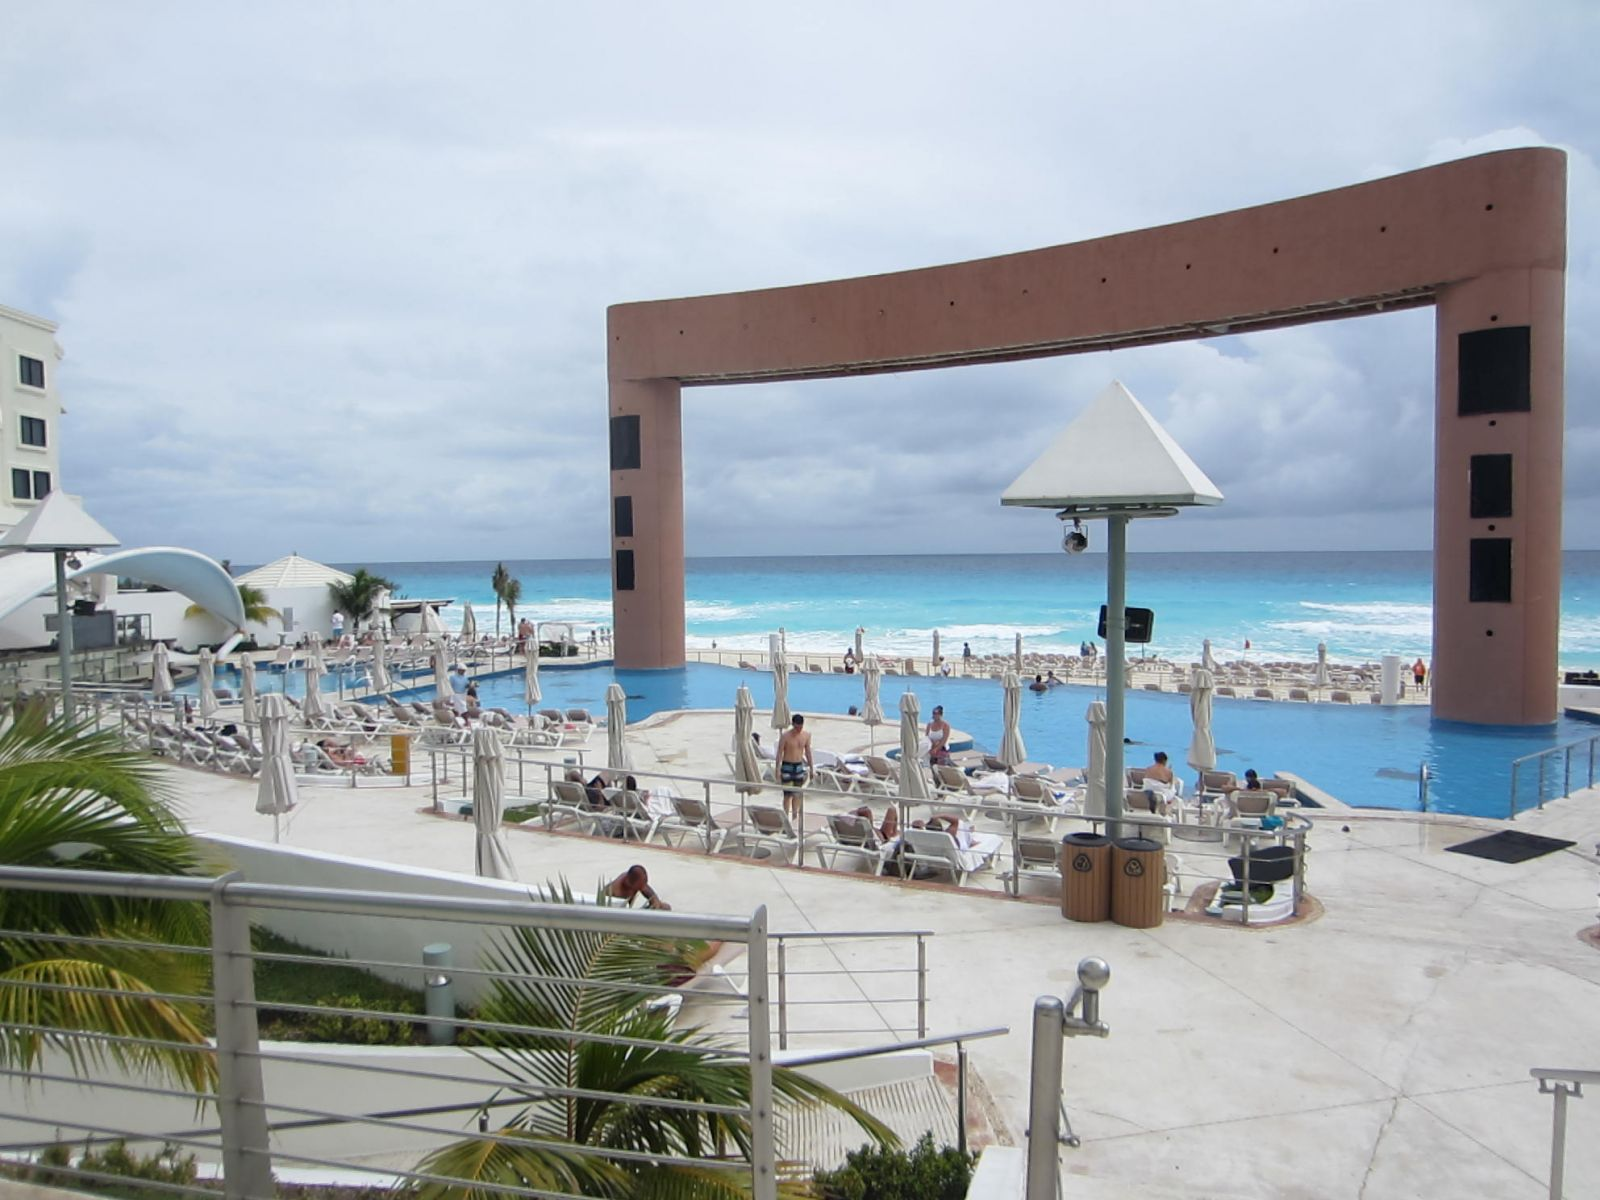 Beach Palace Site VIsit- Dec 2013